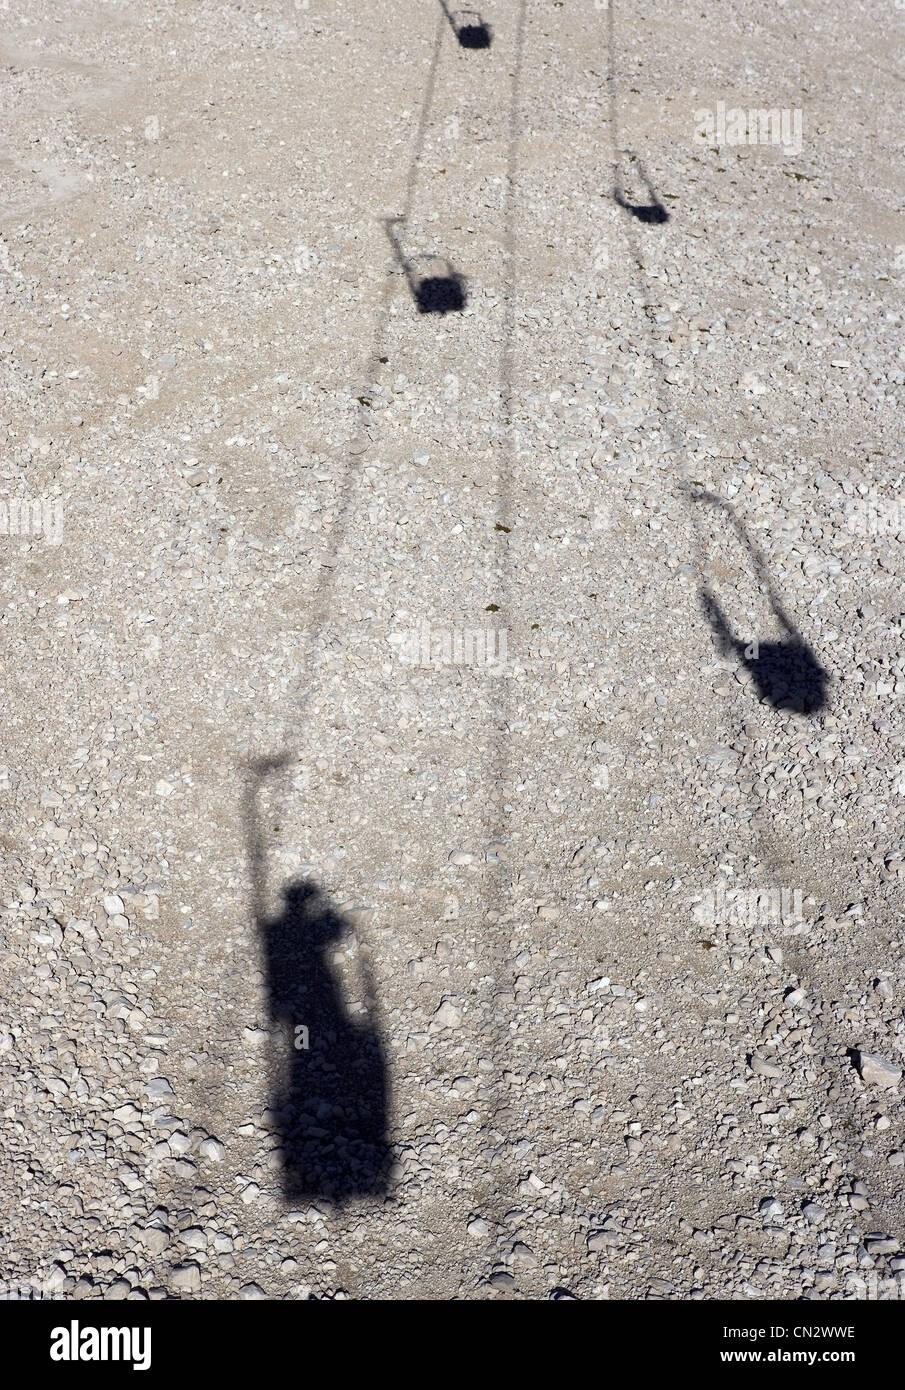 La funivia di ombre, Dolomiti, Alto Adige, Italia Immagini Stock